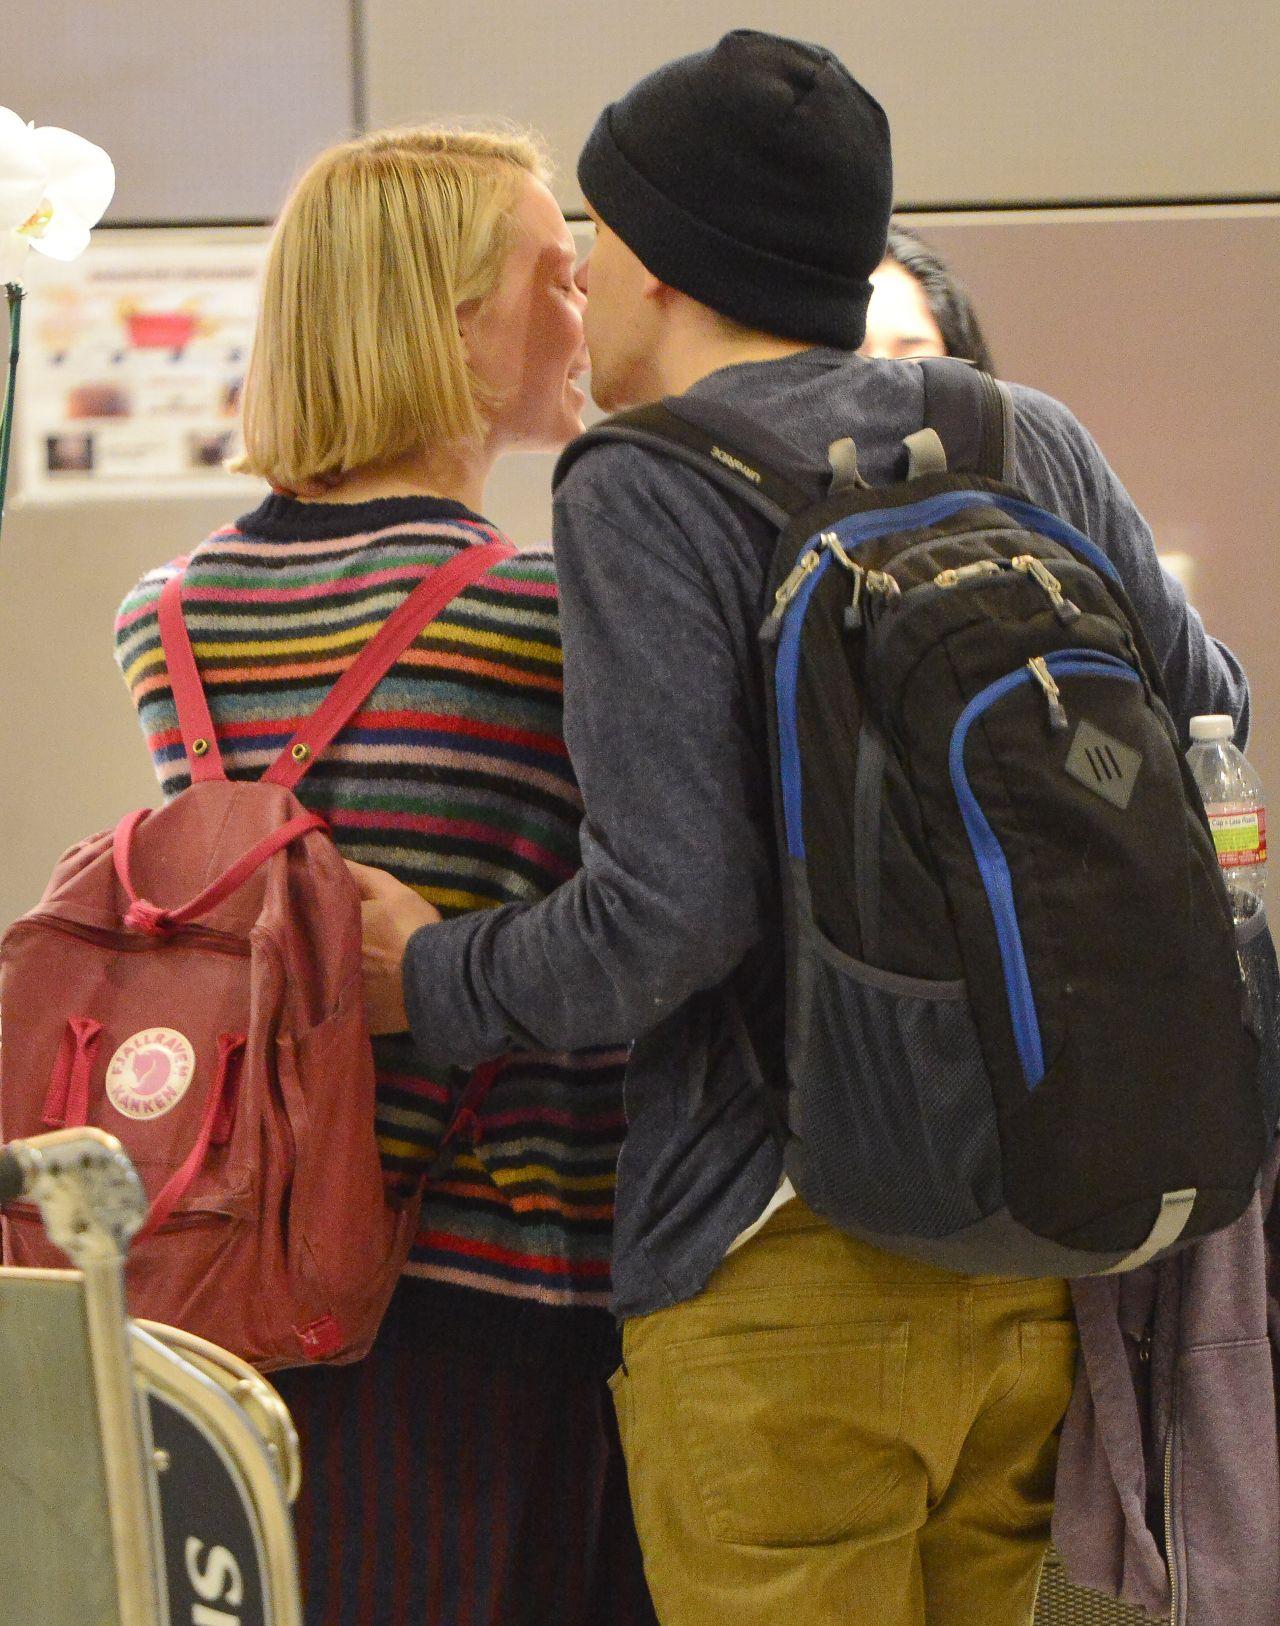 3fd431d55d Mia Wasikowska   Jesse Eisenberg – Share a Kiss at LAX Airport – Nov. 2014